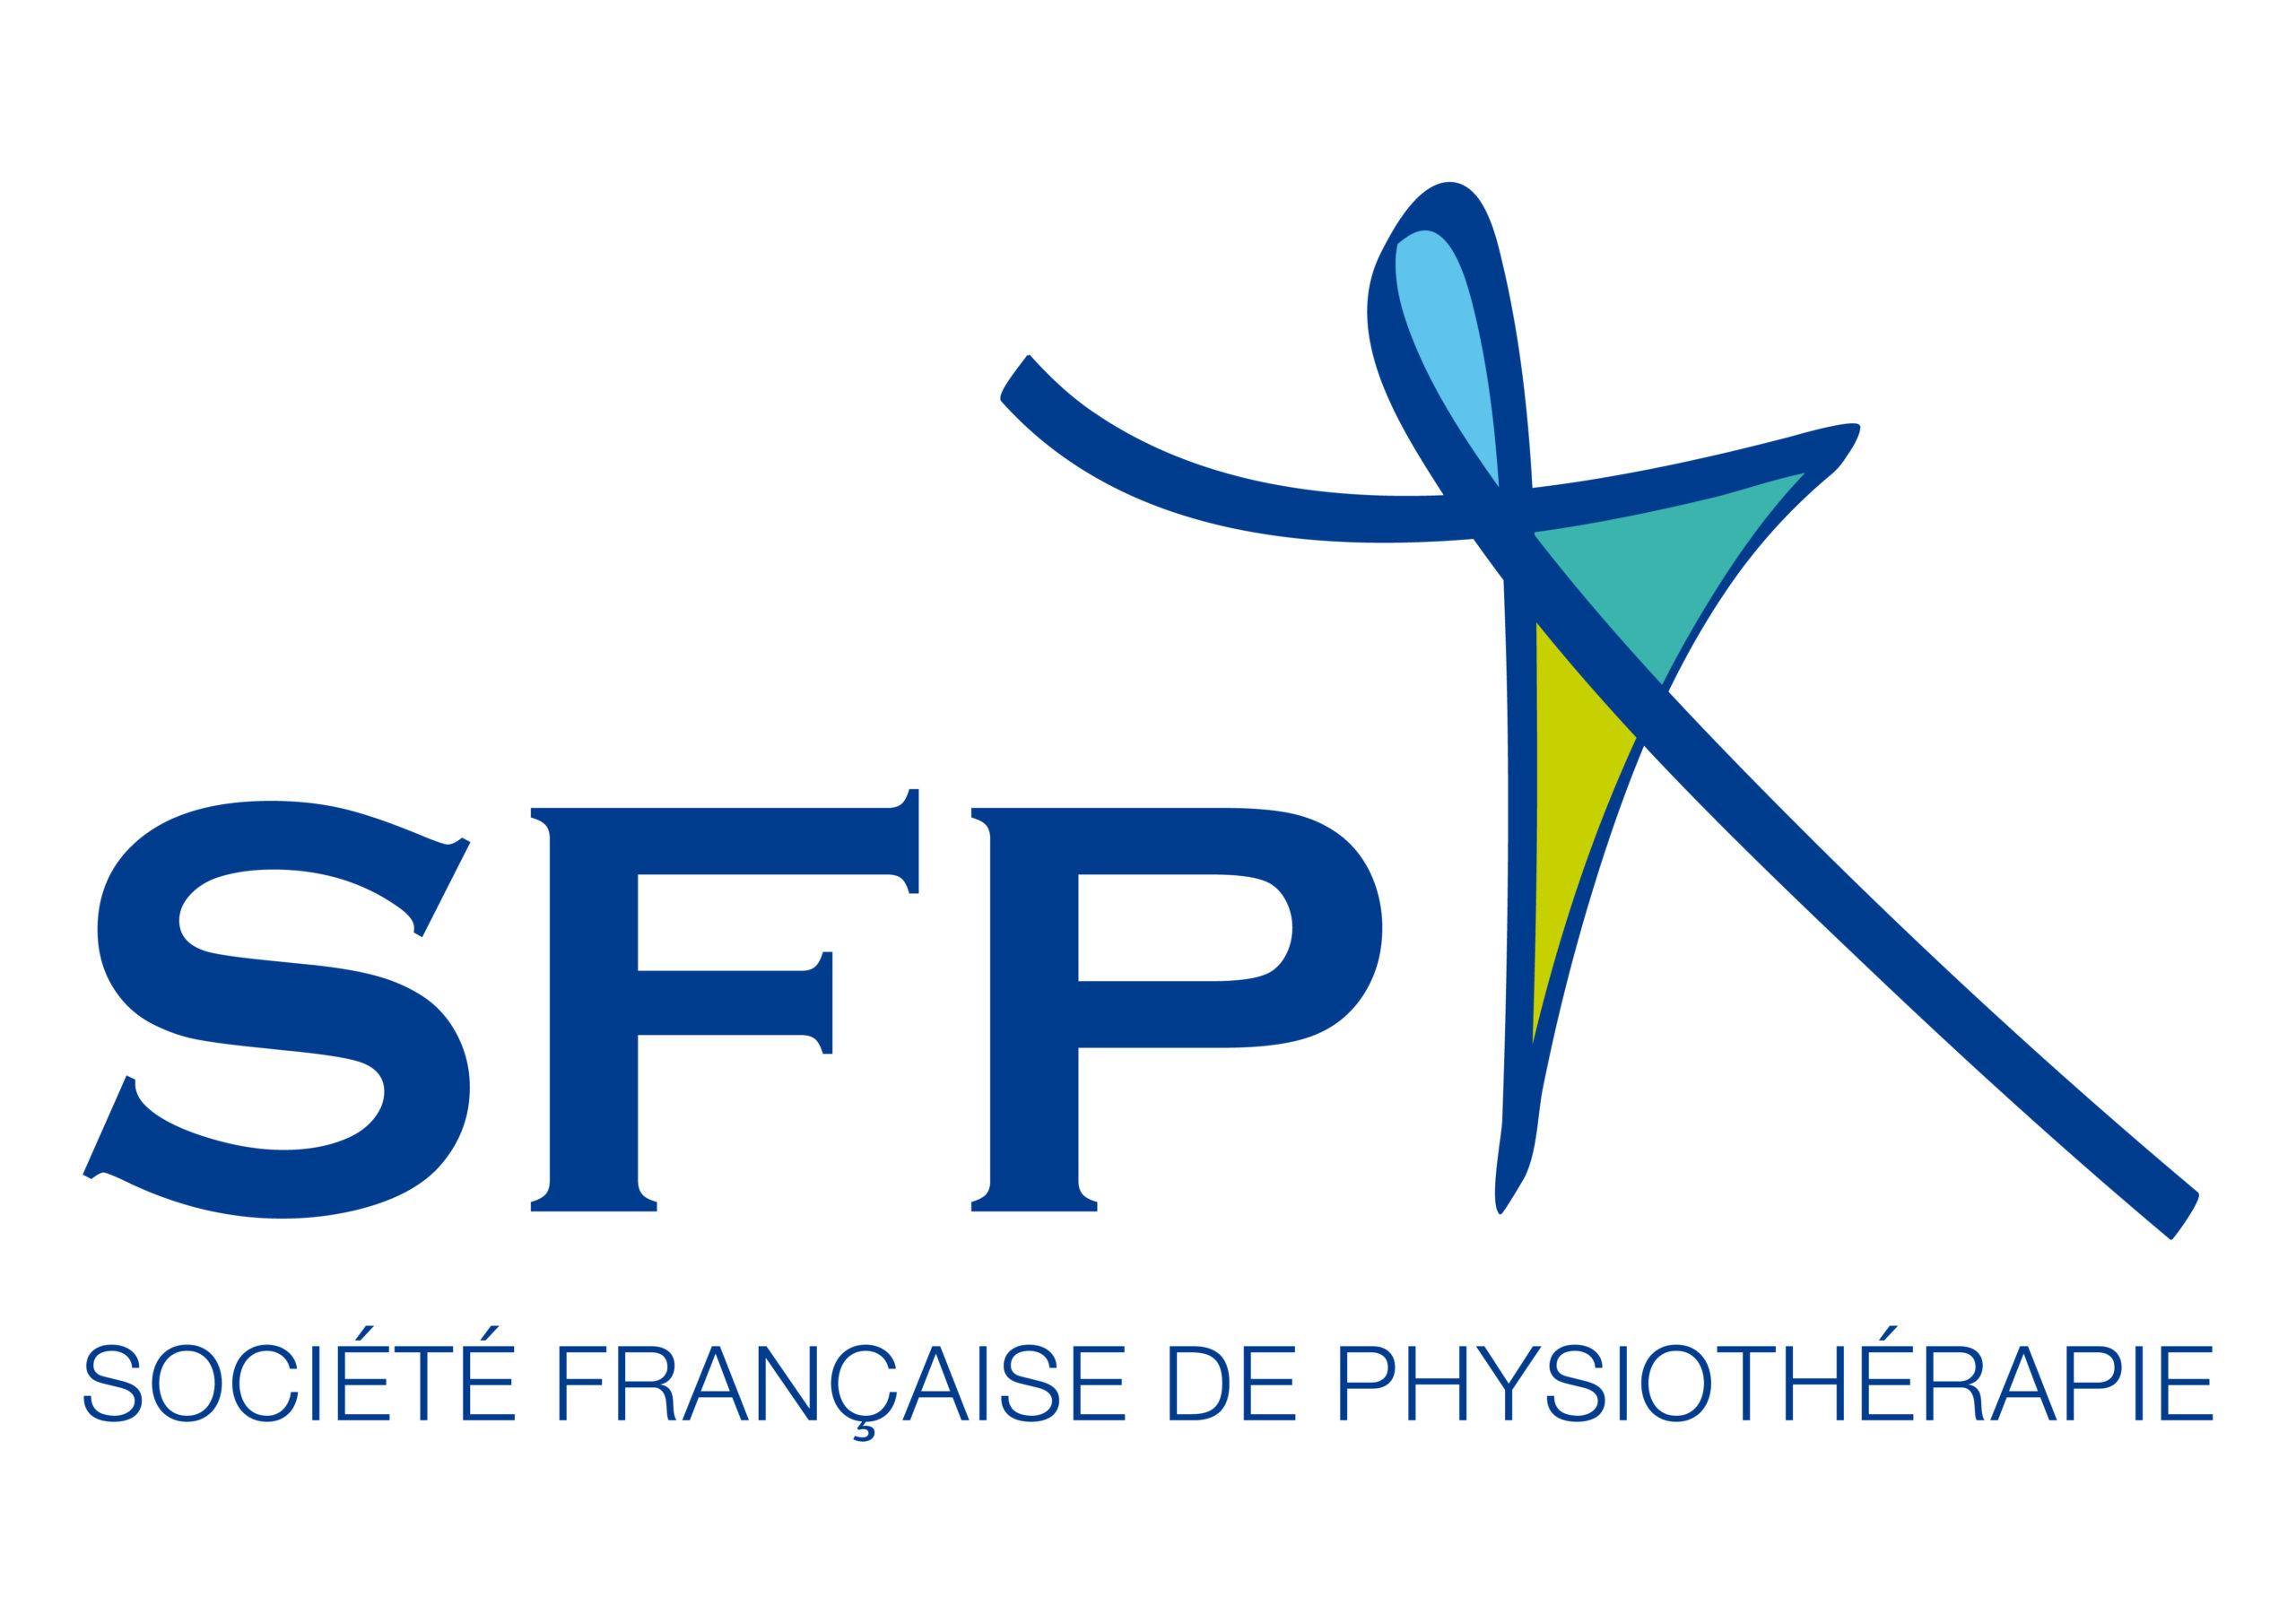 Adhérents de la SKR, vous êtes désormais membres de la Société Française de Physiothérapie (SFP) !